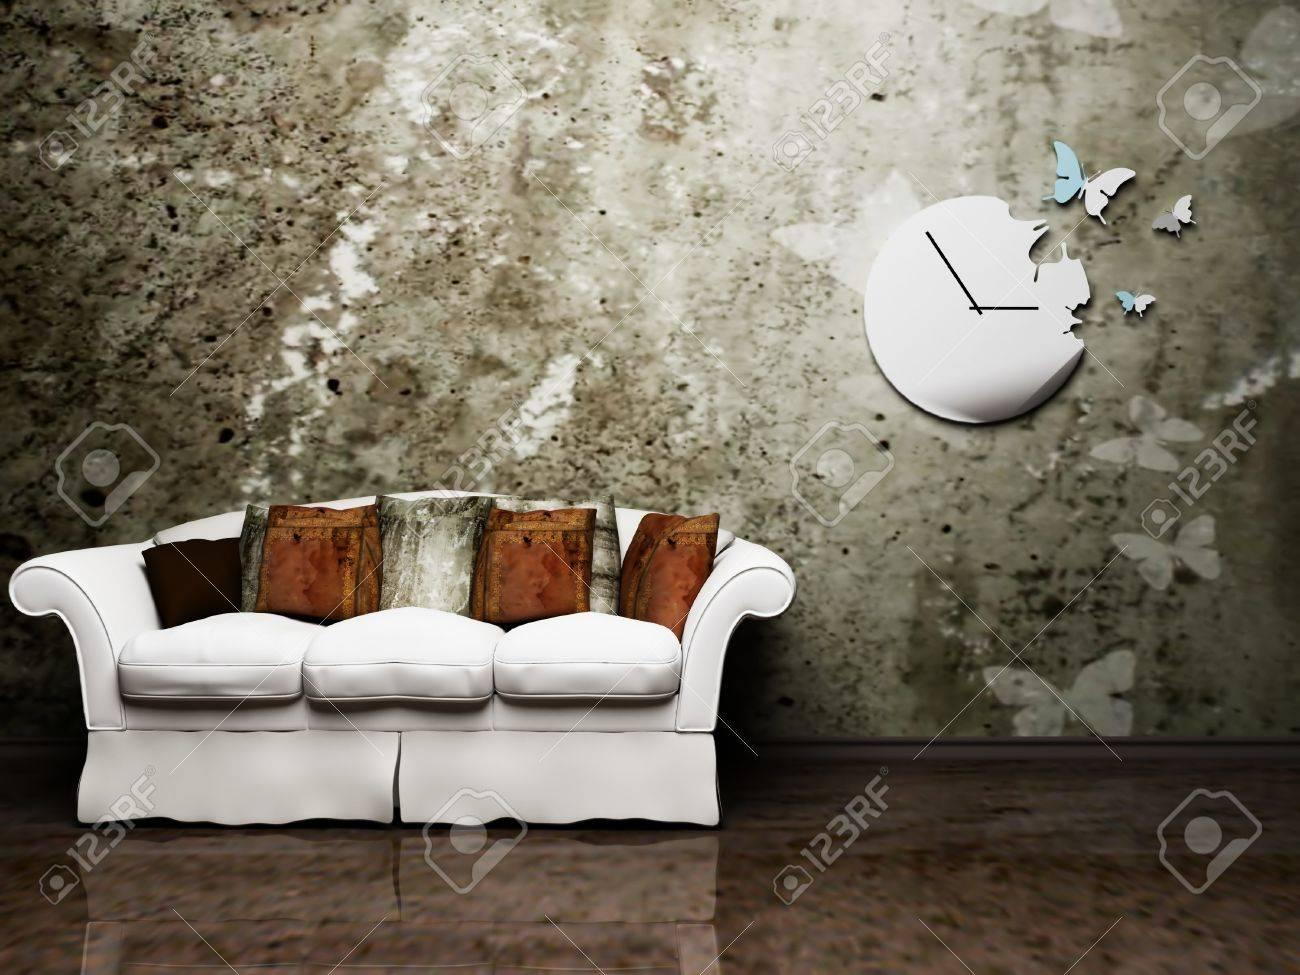 Moderne Innenarchitektur Wohnzimmer Mit Einem Schönen Sofa Und Eine ...